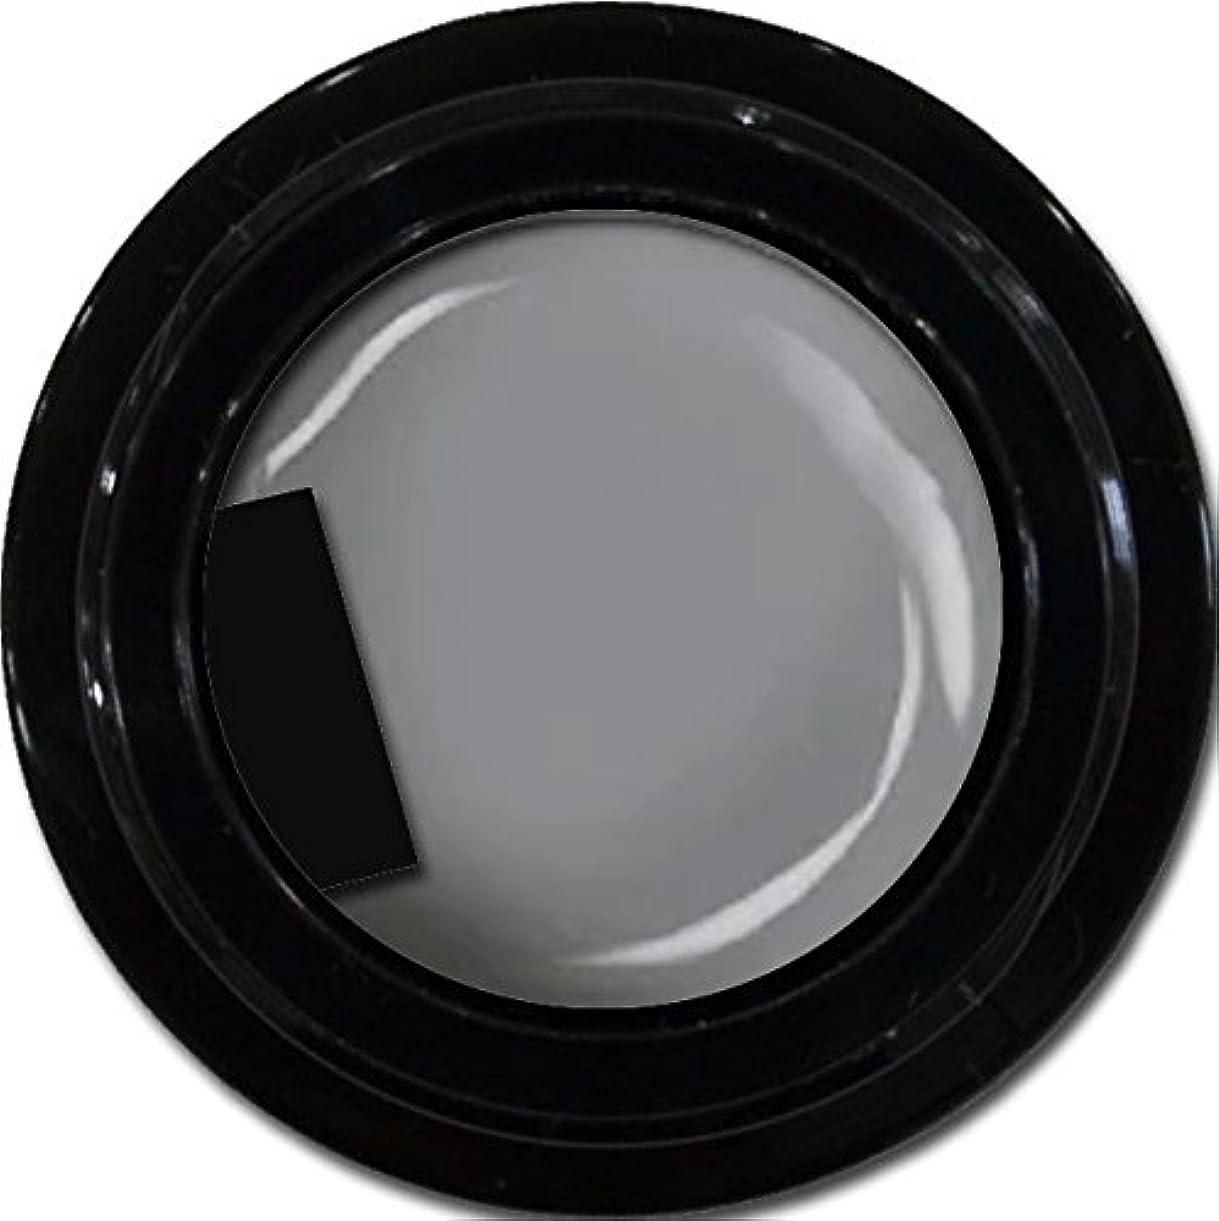 カラージェル enchant color gel M807 LegendGray 3g/ マットカラージェル M807レジェンドグレイ 3グラム